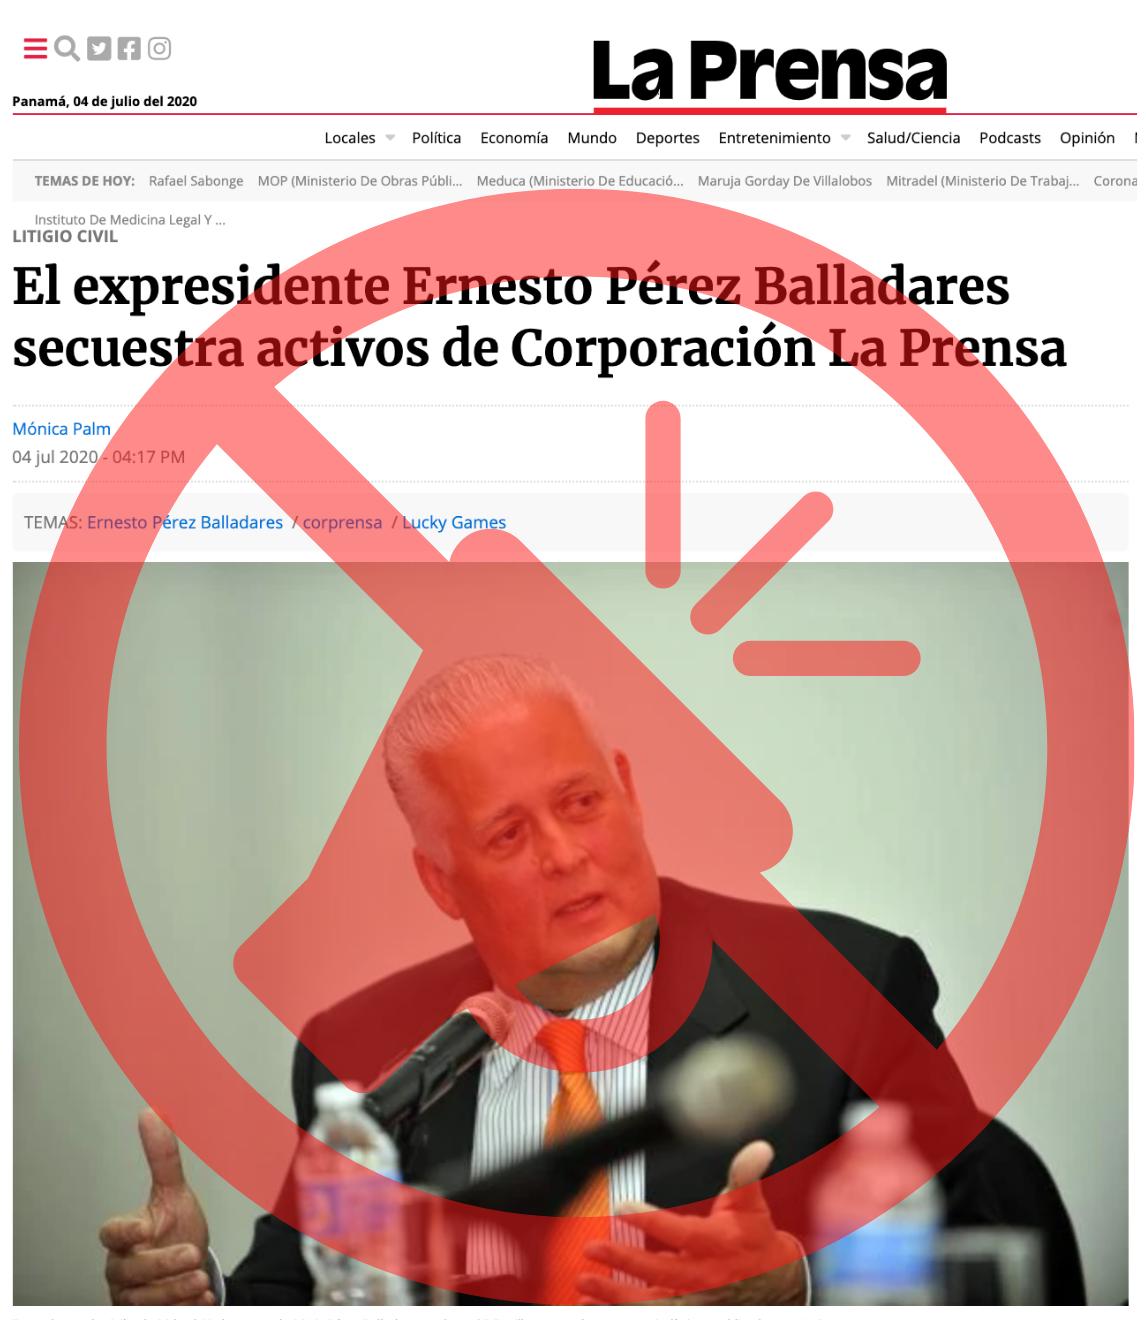 Secuestro de La Prensa: la afectación a la ciudadanía y a la democracia.